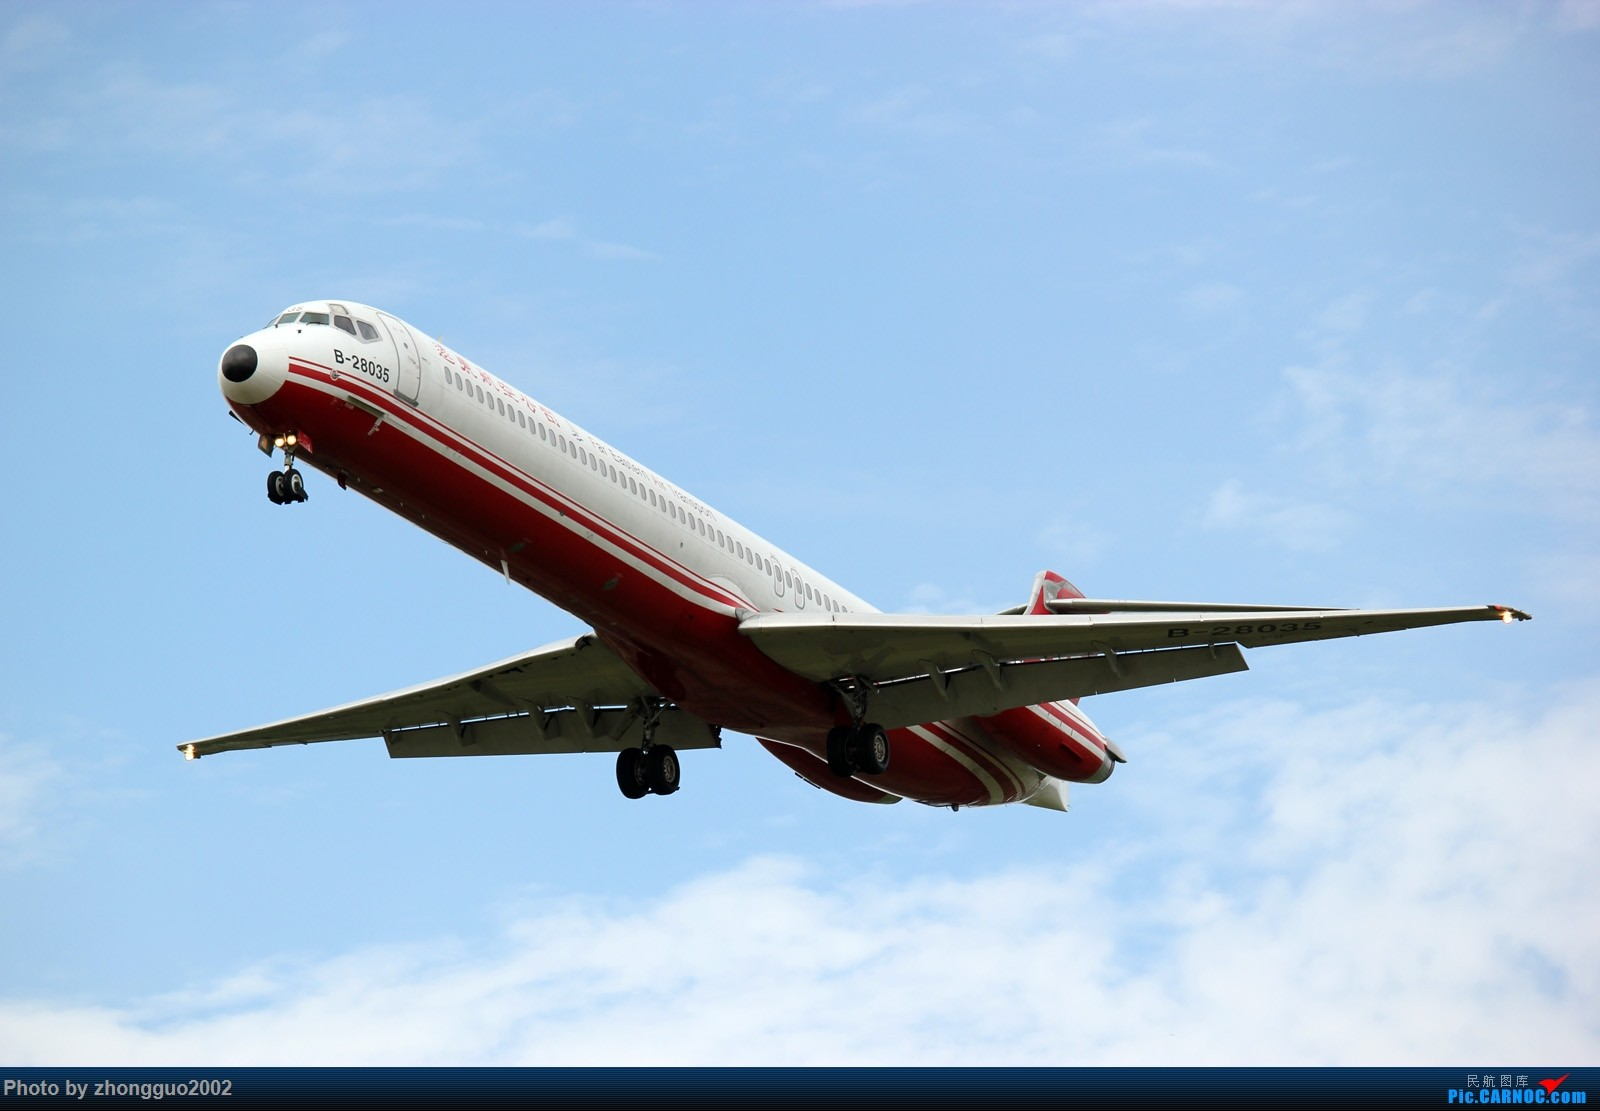 Re:[原创]谨以此片献给这个夏天最美丽的草原城----呼和浩特。 MD MD-80-82 B-28035 中国呼和浩特白塔国际机场